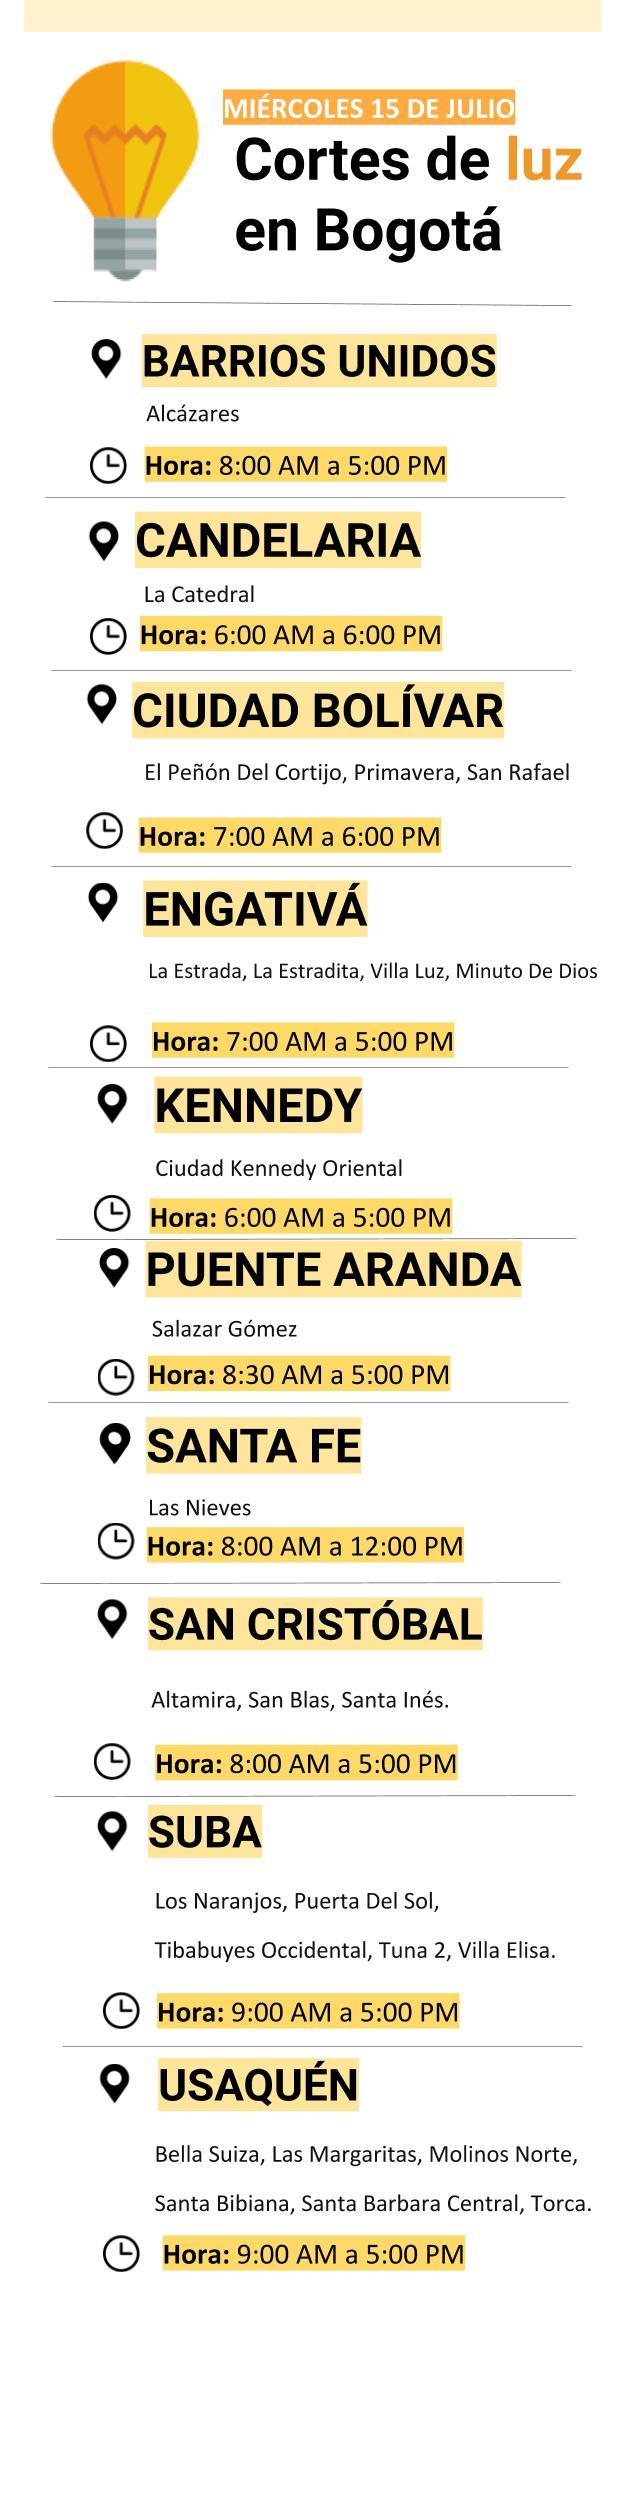 Cortes de luz en Bogotá para el miércoles 15 de julio